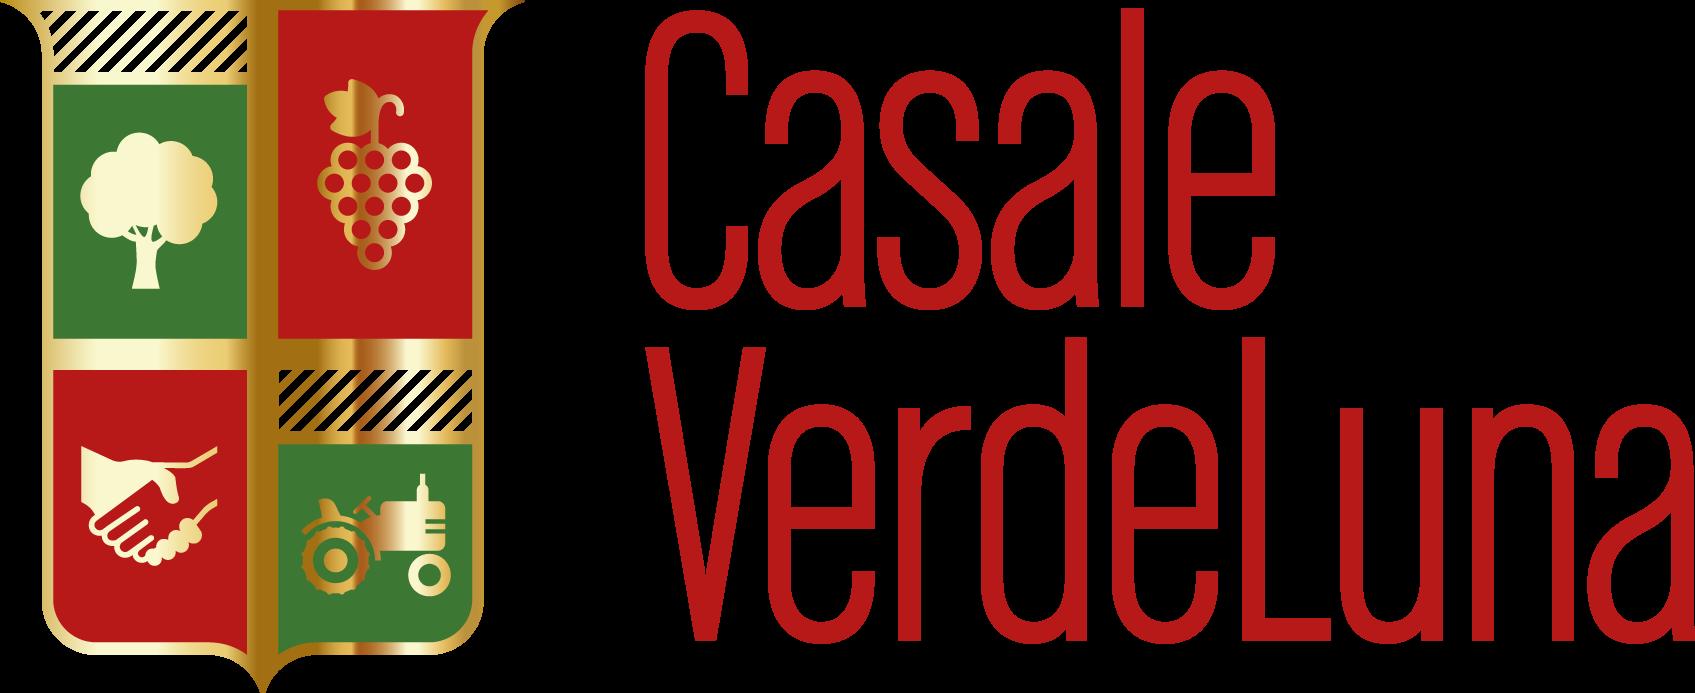 Casaleverdeluna